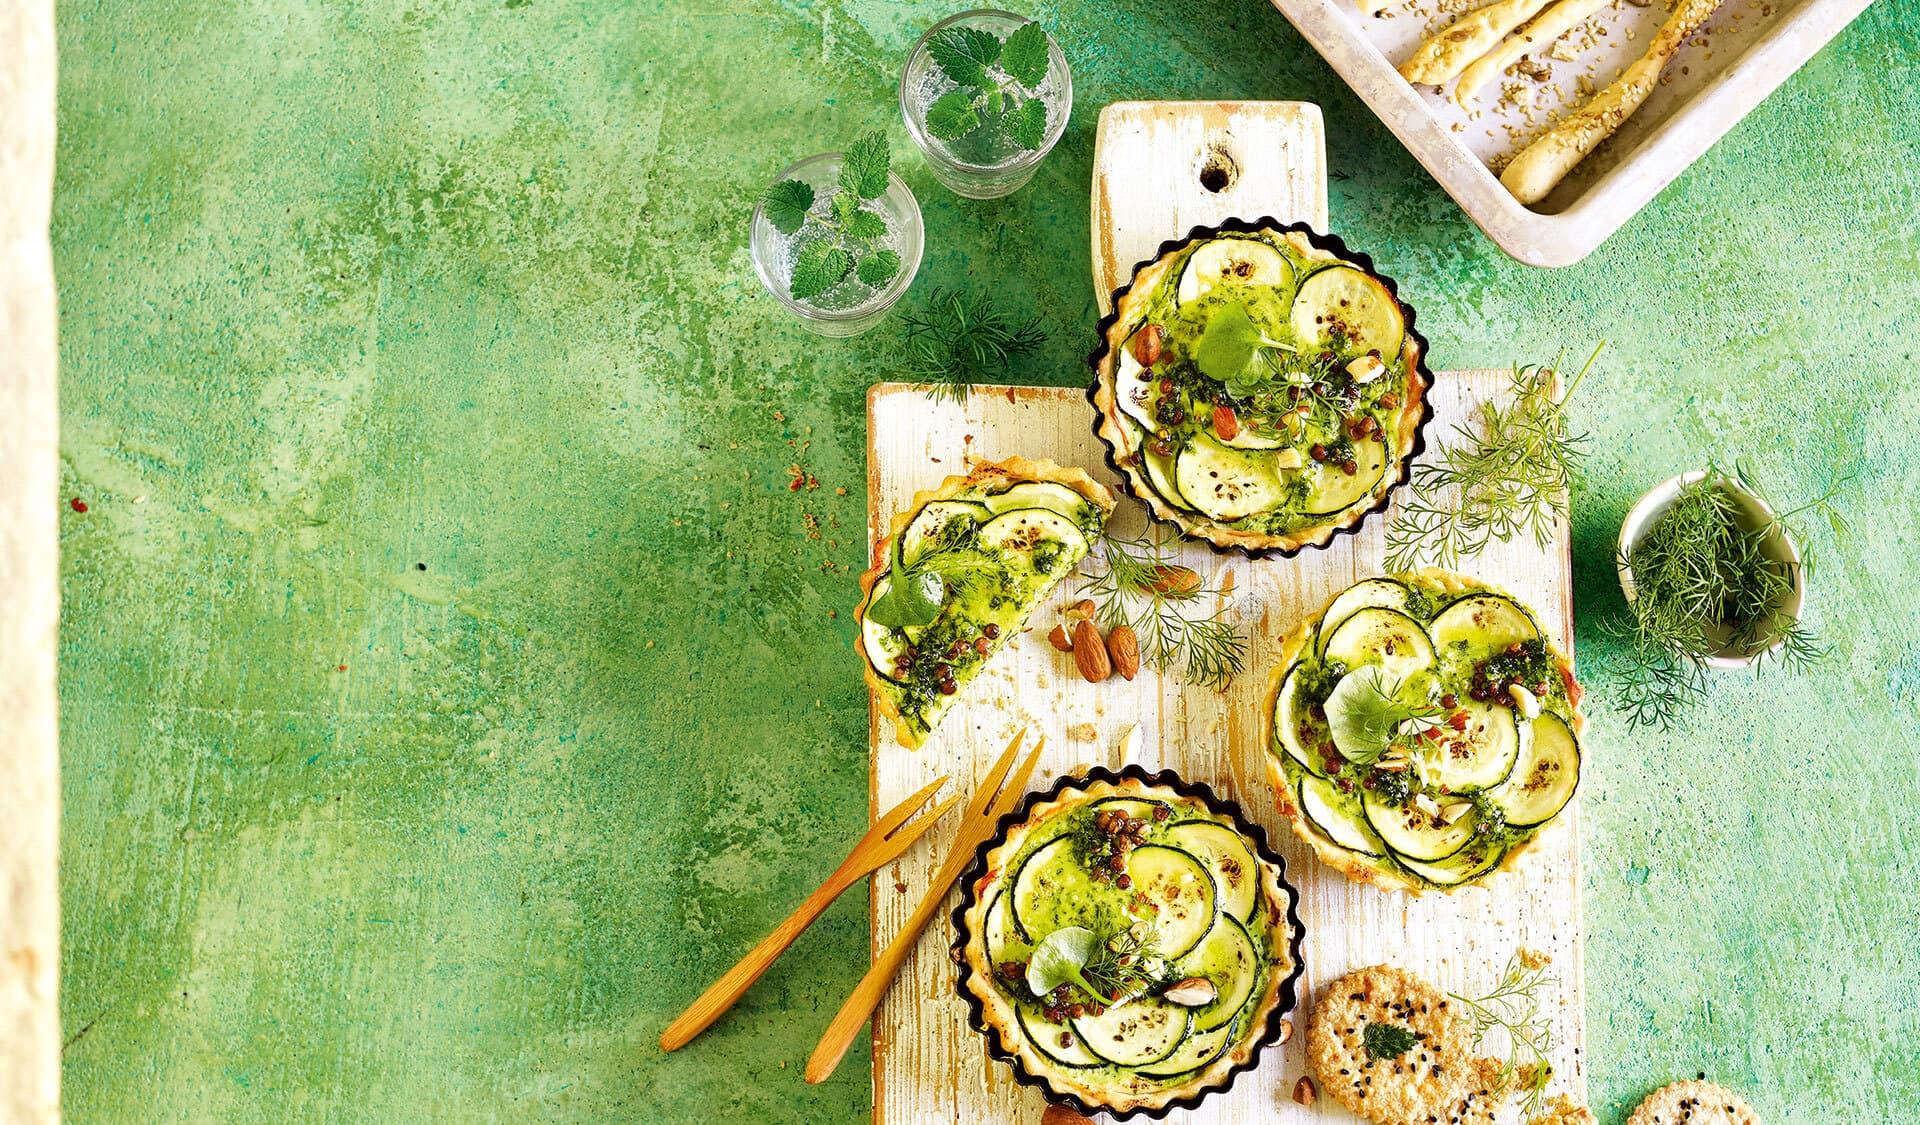 Törtchen mit Zucchini drappiert auf einem Brett